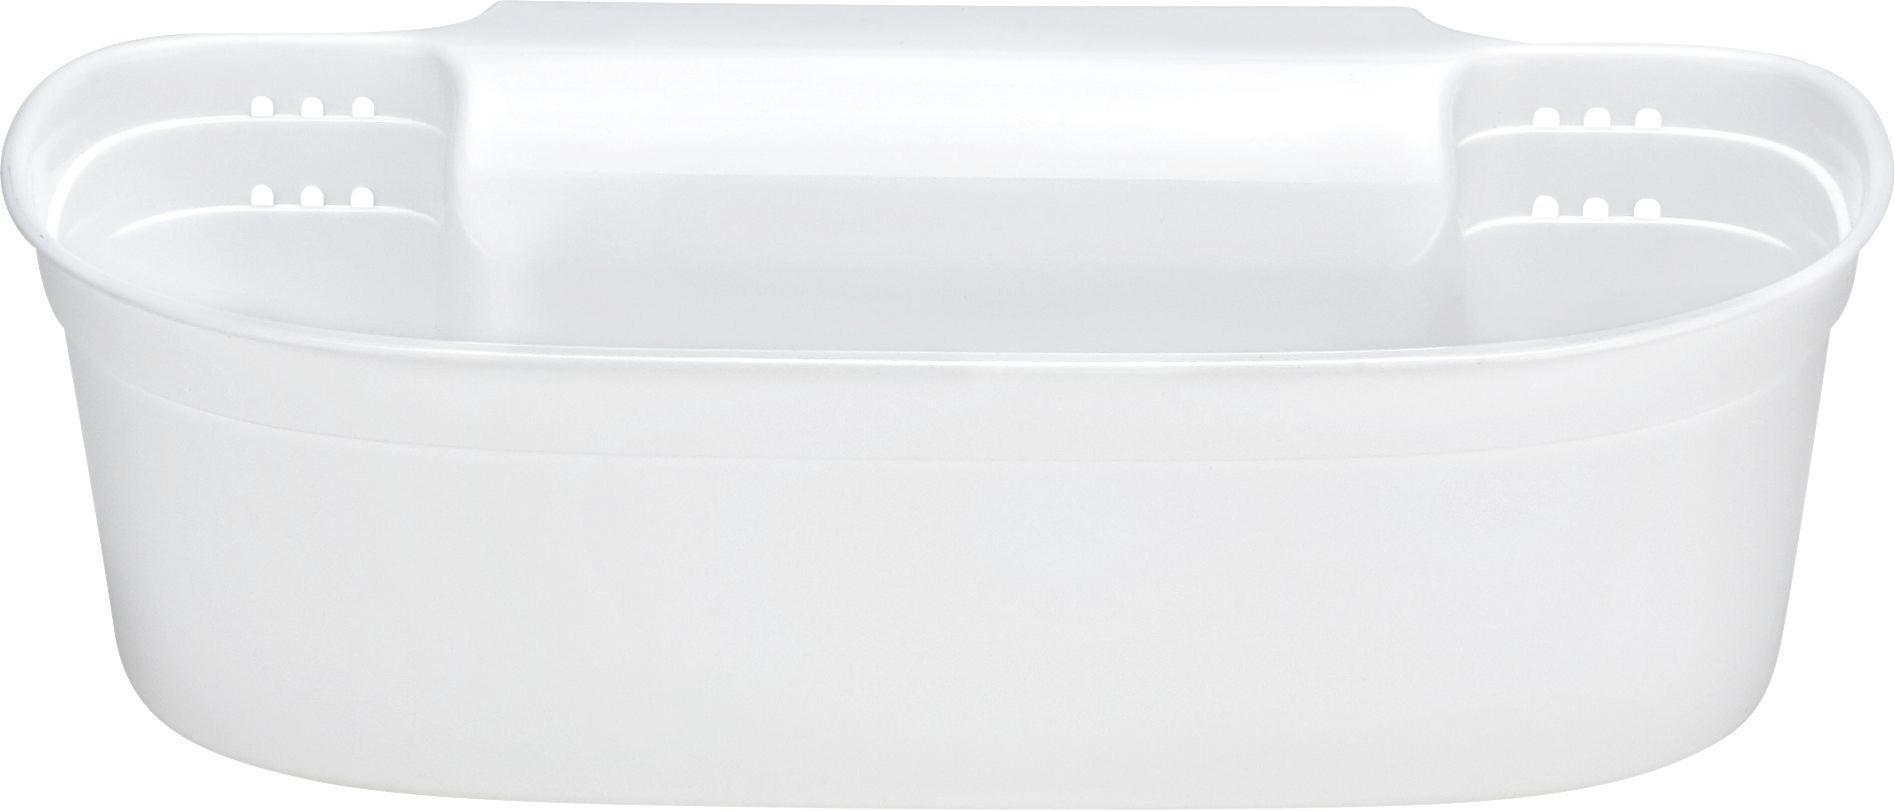 Hängeaufbewahrung Aydin-allzweckbox F.küche - Weiß, Kunststoff (30,5/17,5/9cm) - MÖMAX modern living